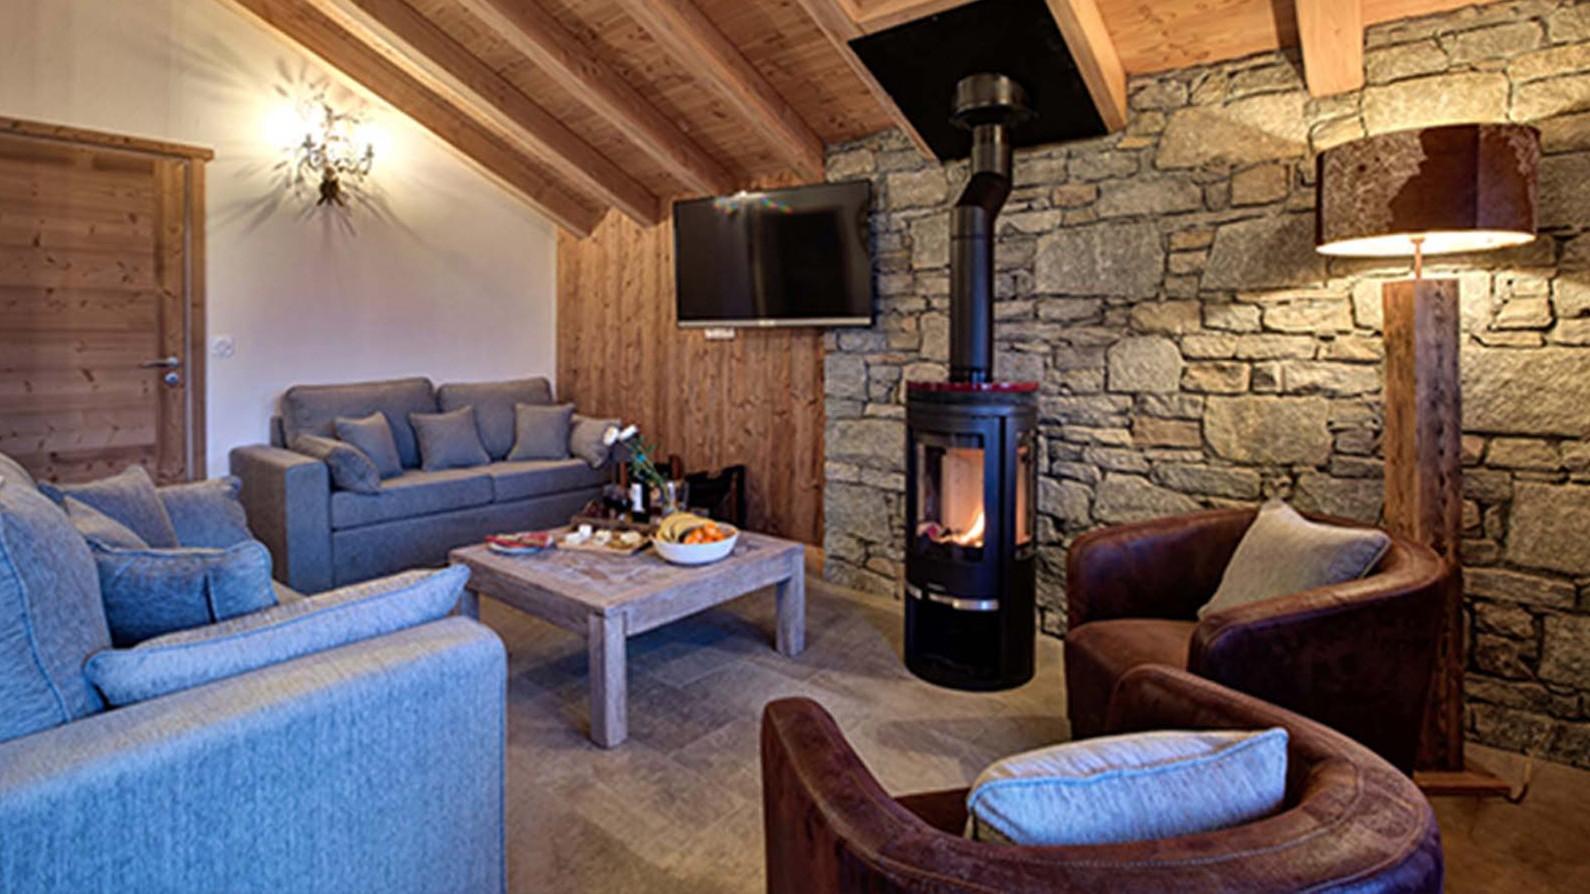 Lounge area with fireplace, Chalet Crocus Blanc, La Plagne, France